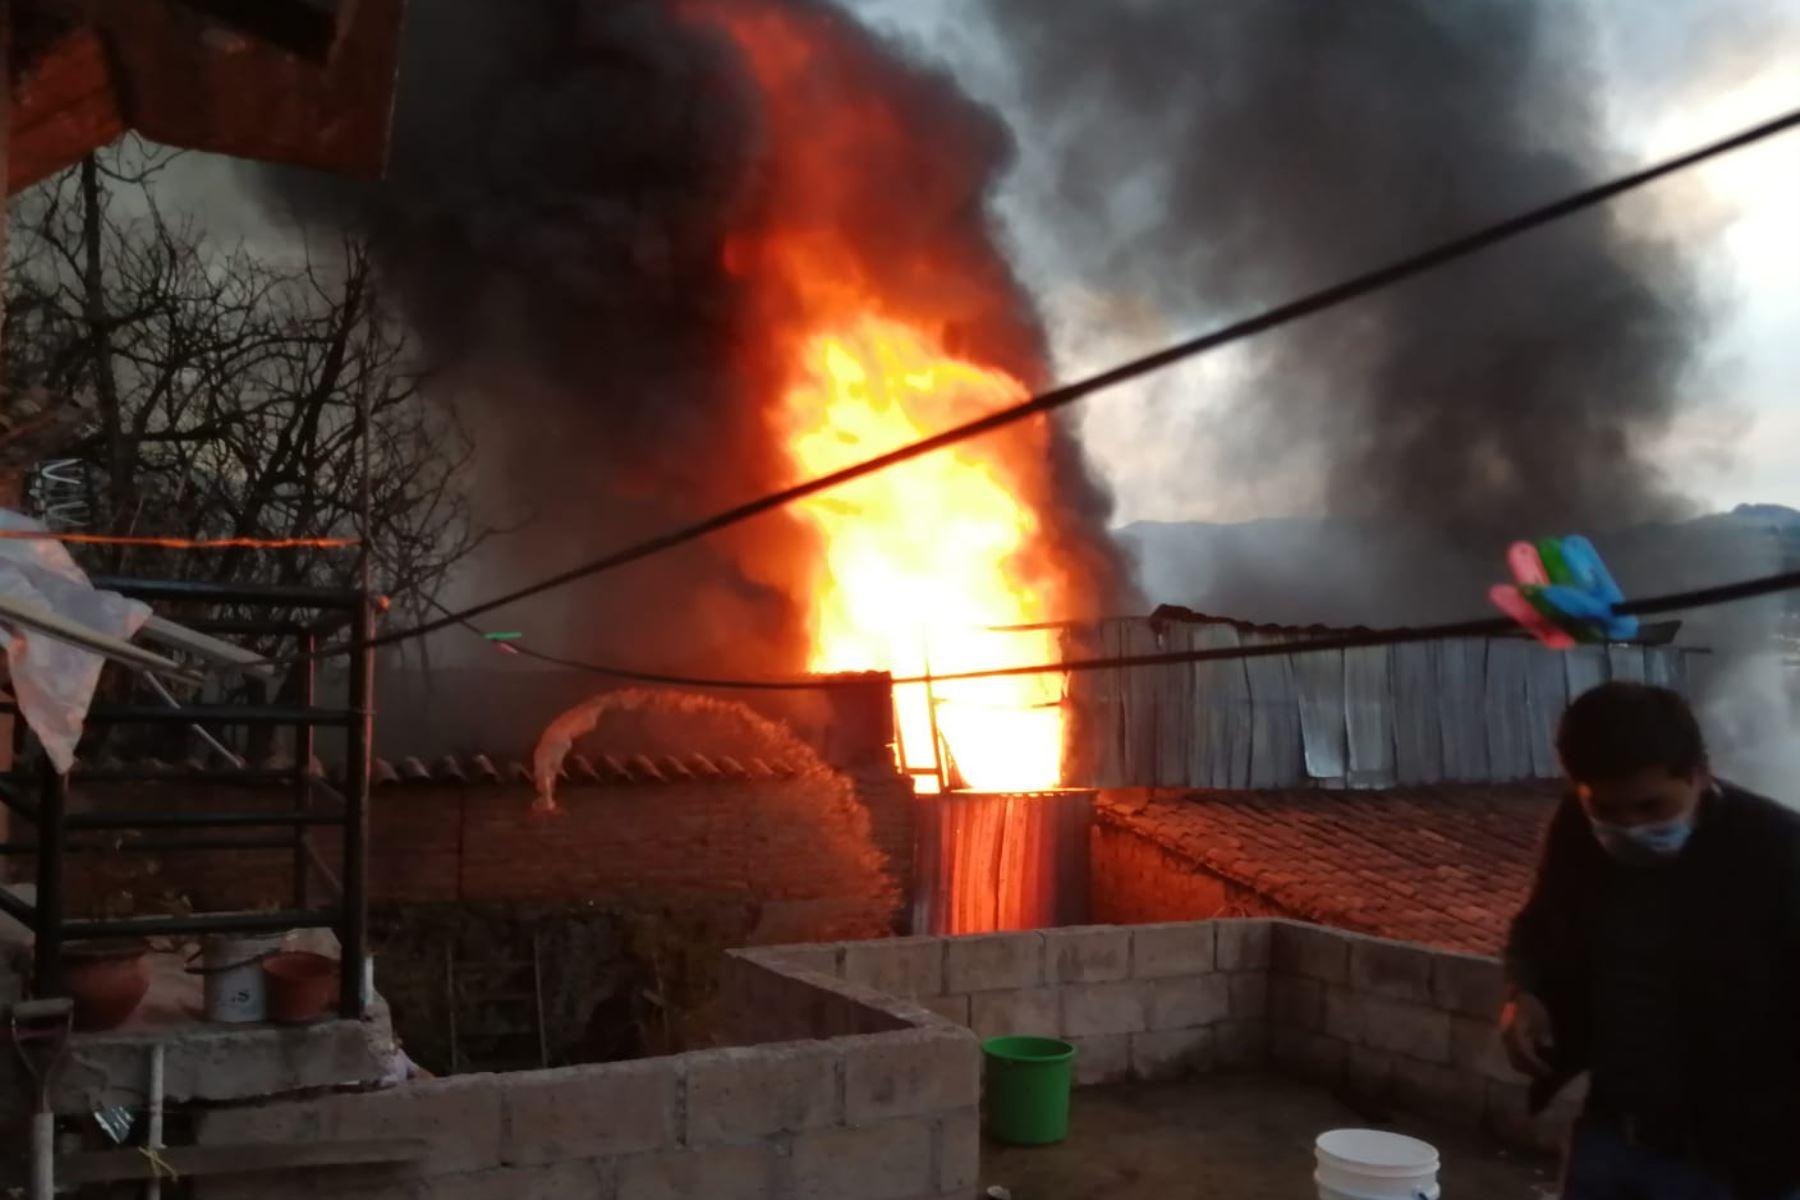 Un incendio de grandes proporciones, destruye , al menos cuatro viviendas en la prolongación de la Av. Del Ejército de la ciudad del Cusco. Los bomberos, policías y voluntarios intentan controlar el incendio. Foto: Andina/ Percy Hurtado